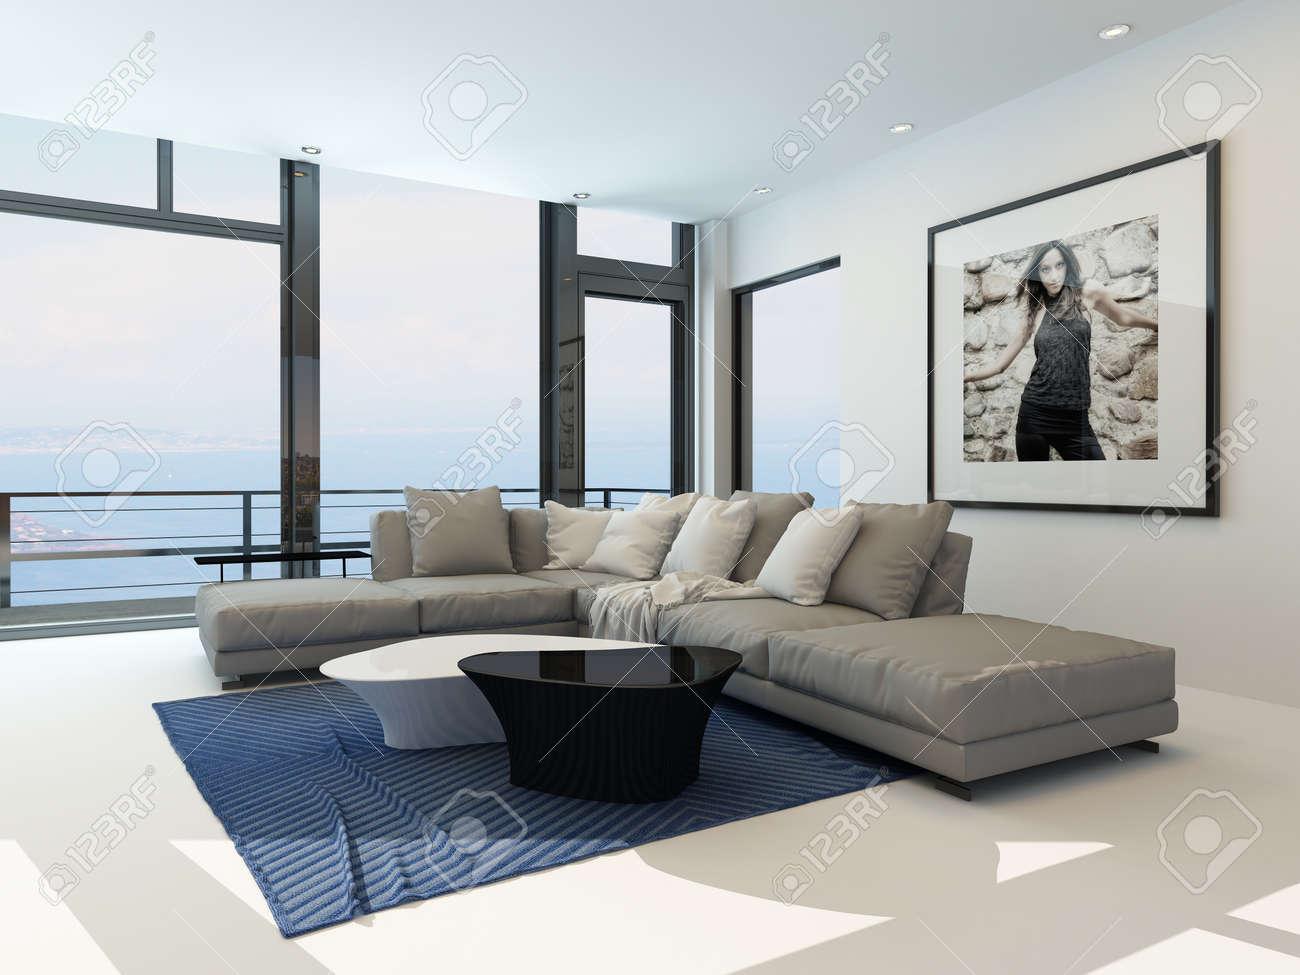 Moderne Häuser Mit Pool | loopele.com